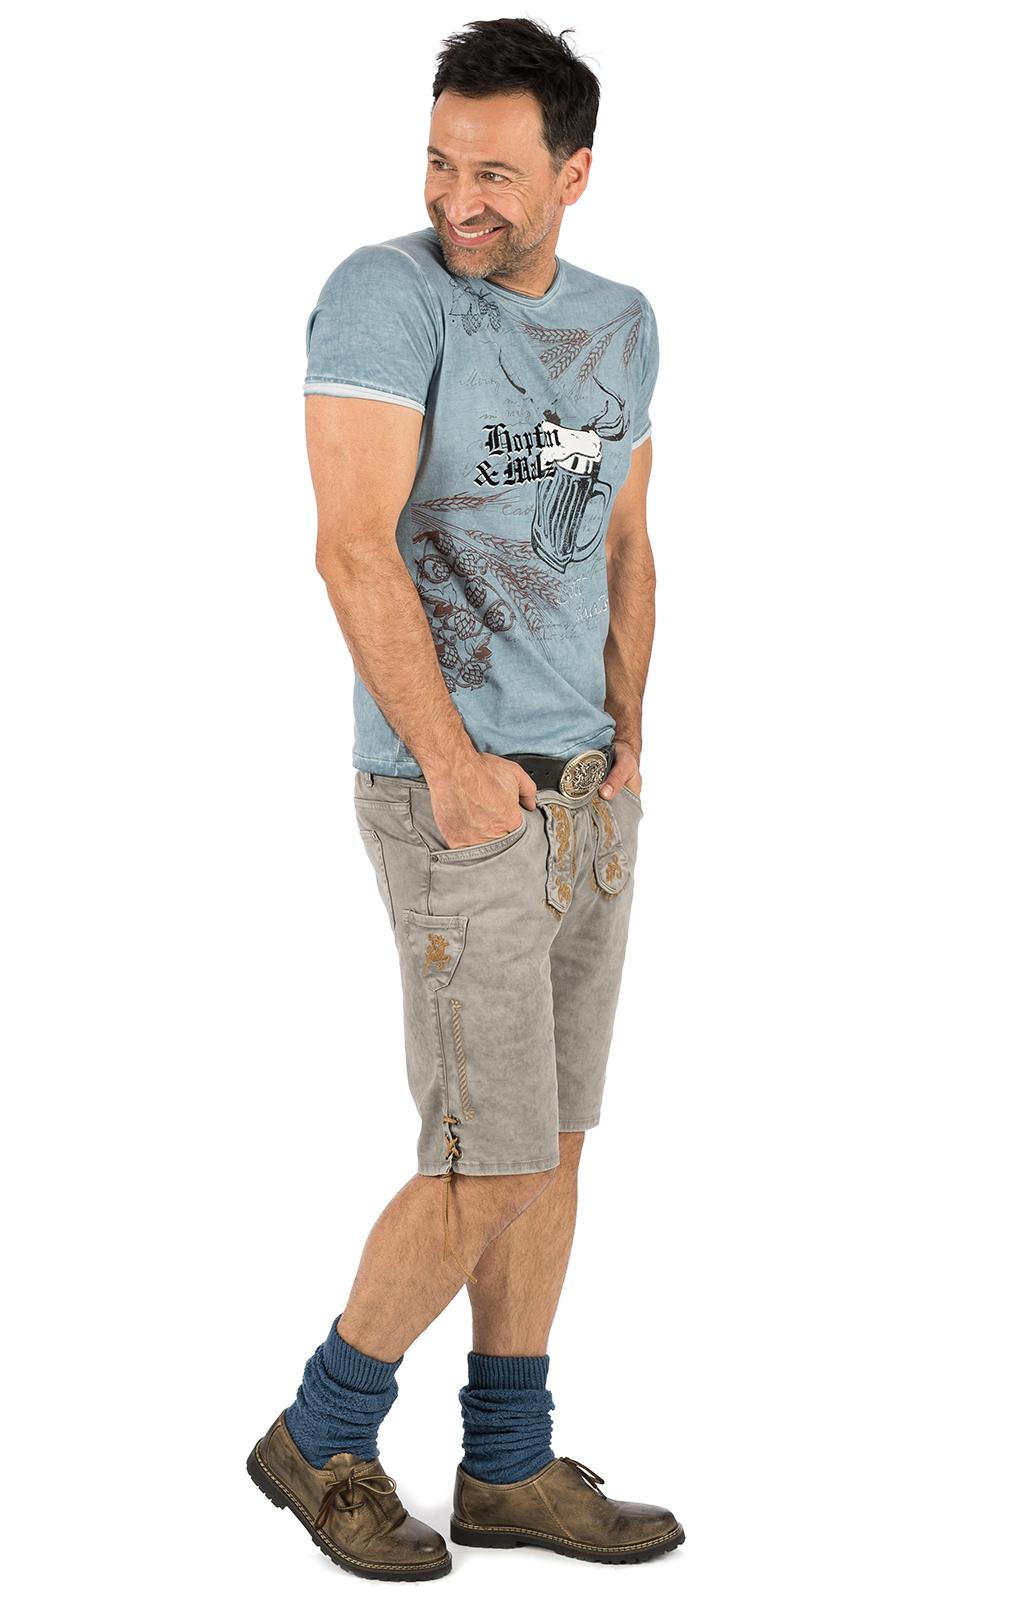 weitere Bilder von Trachten T-Shirt E50 - HOPFEN blau